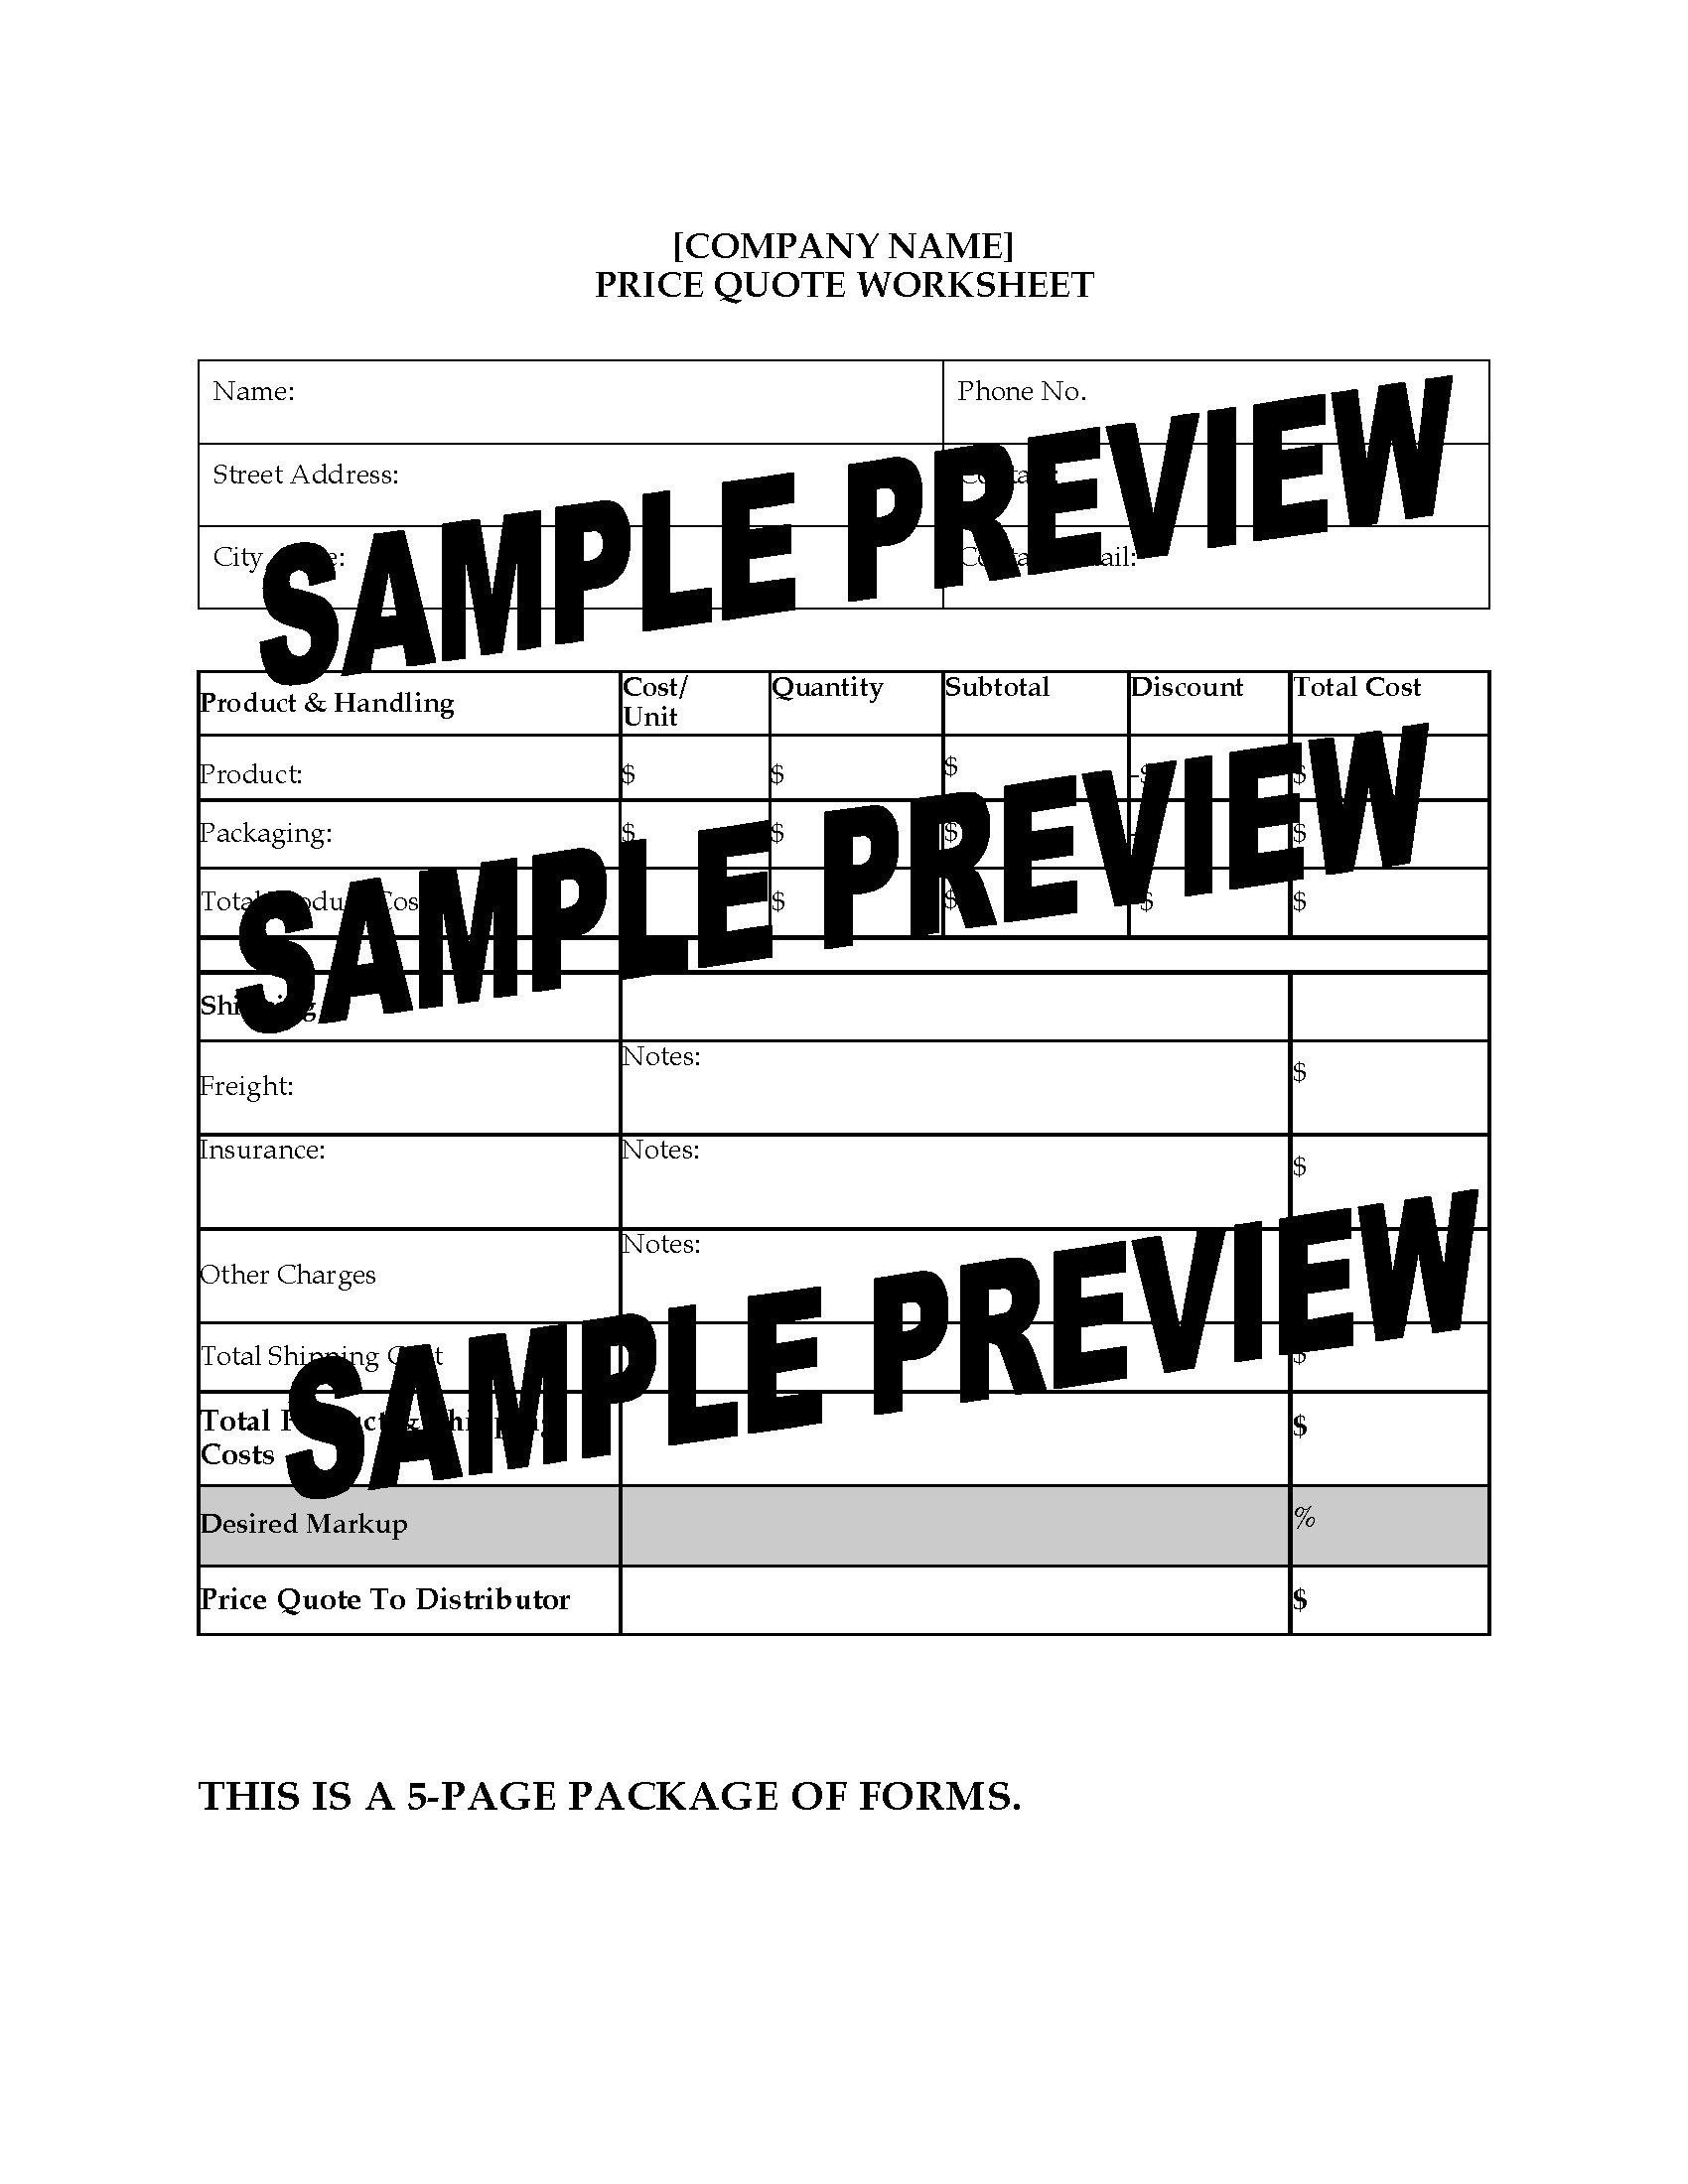 Sales Department Worksheets Package